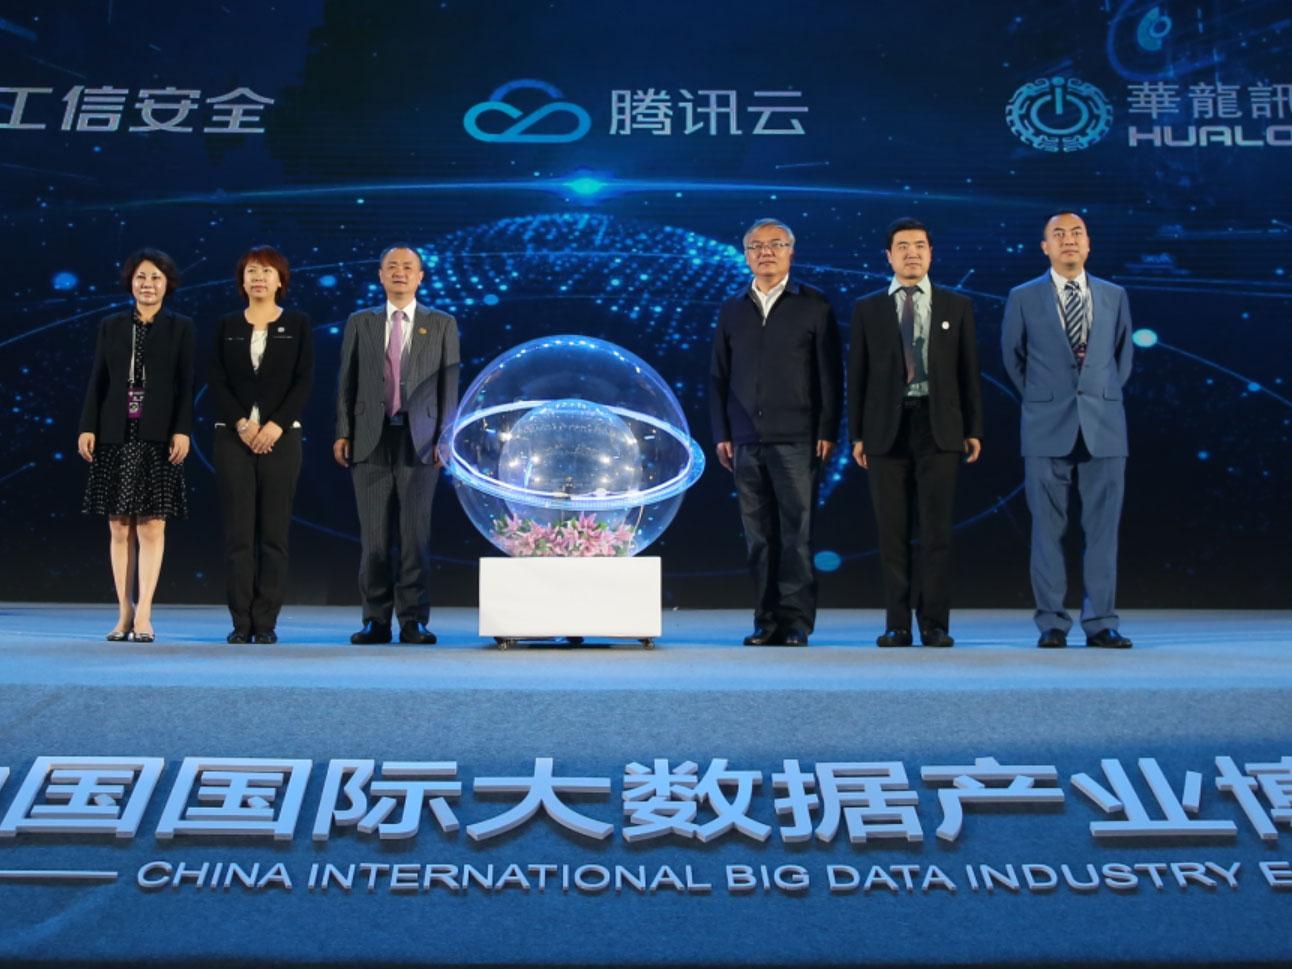 华龙讯达正式发布工业互联网平台-腾讯木星云 助力中国智造